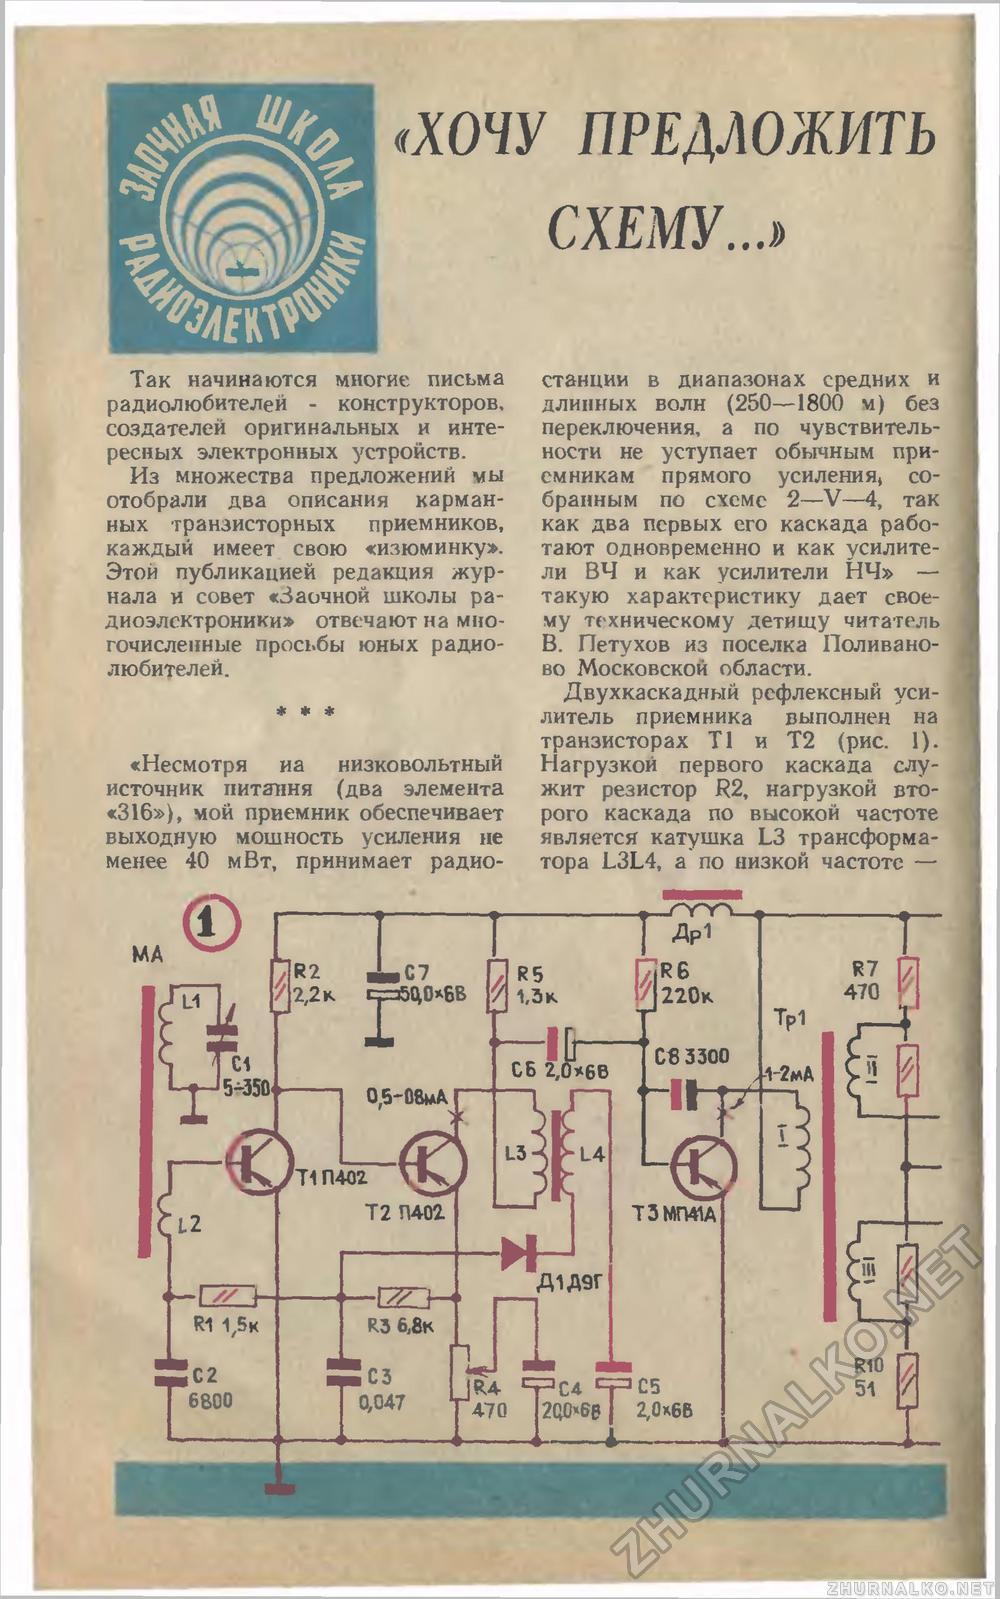 Простые схемы для начинающих радиолюбителей с подробным